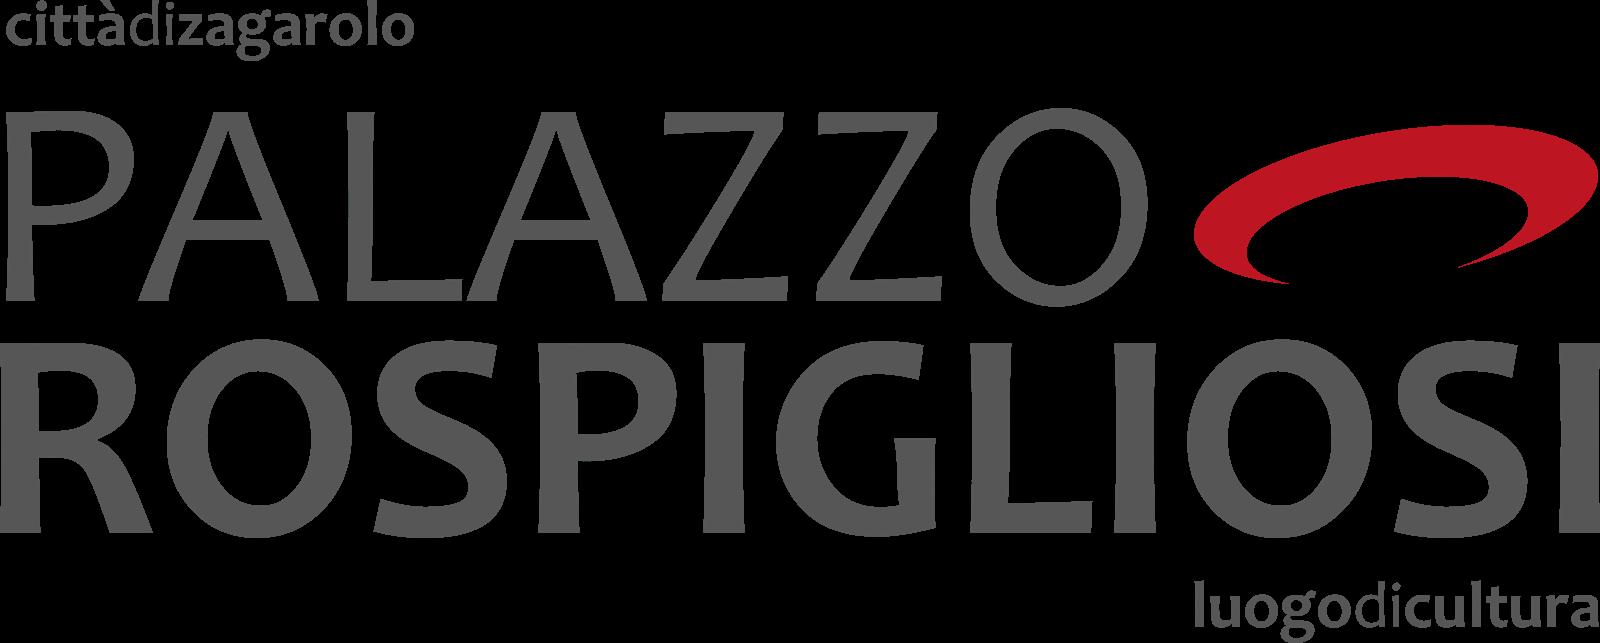 SCOPRITE PALAZZO ROSPIGLIOSI